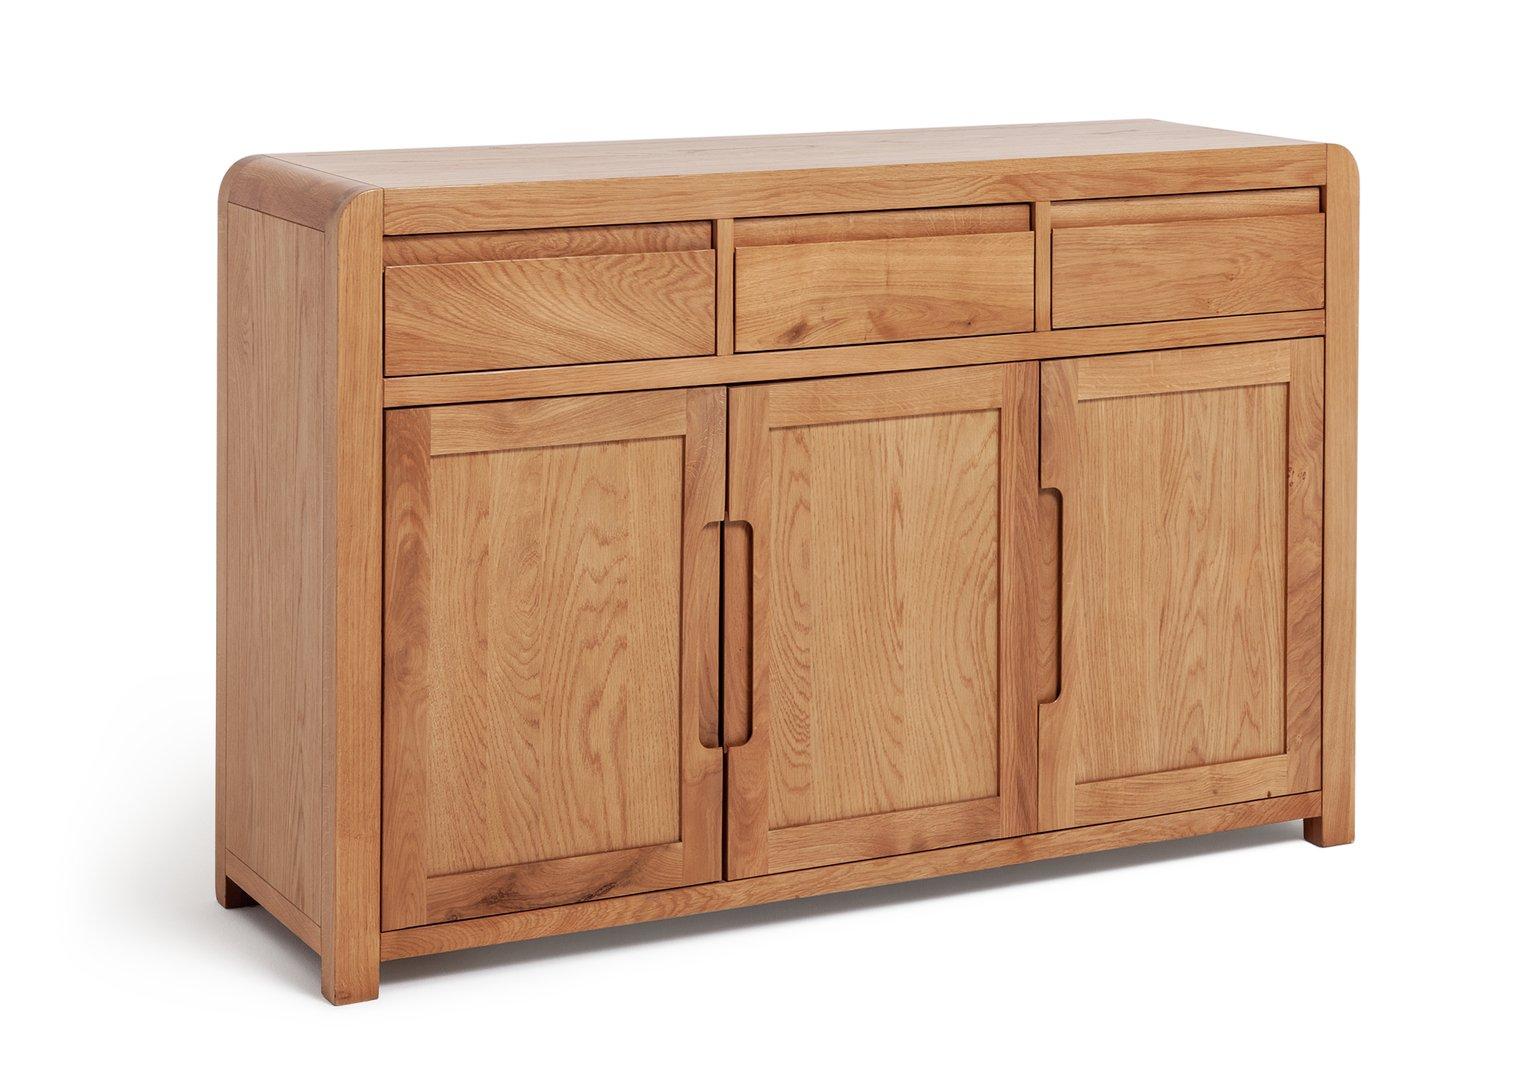 Argos Home Novara 3 Door 3 Drawer Sideboard - Oak Veneer